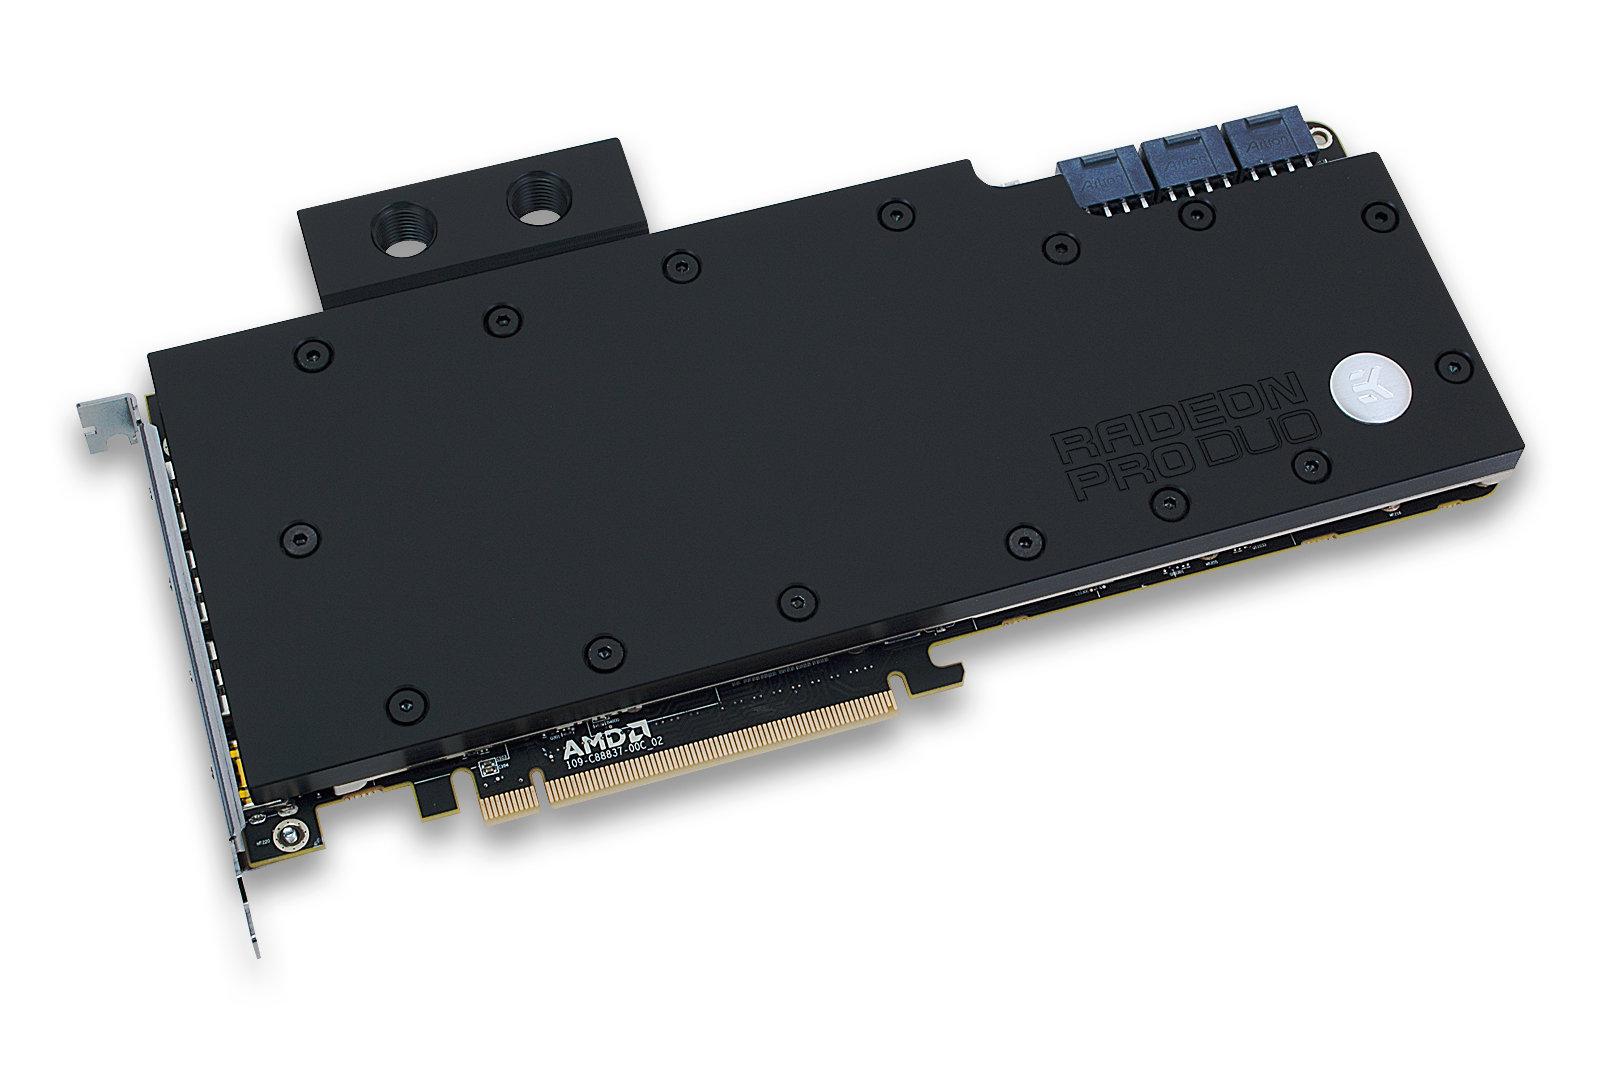 EK-FC Radeon Pro Duo – Acetal+Nickel